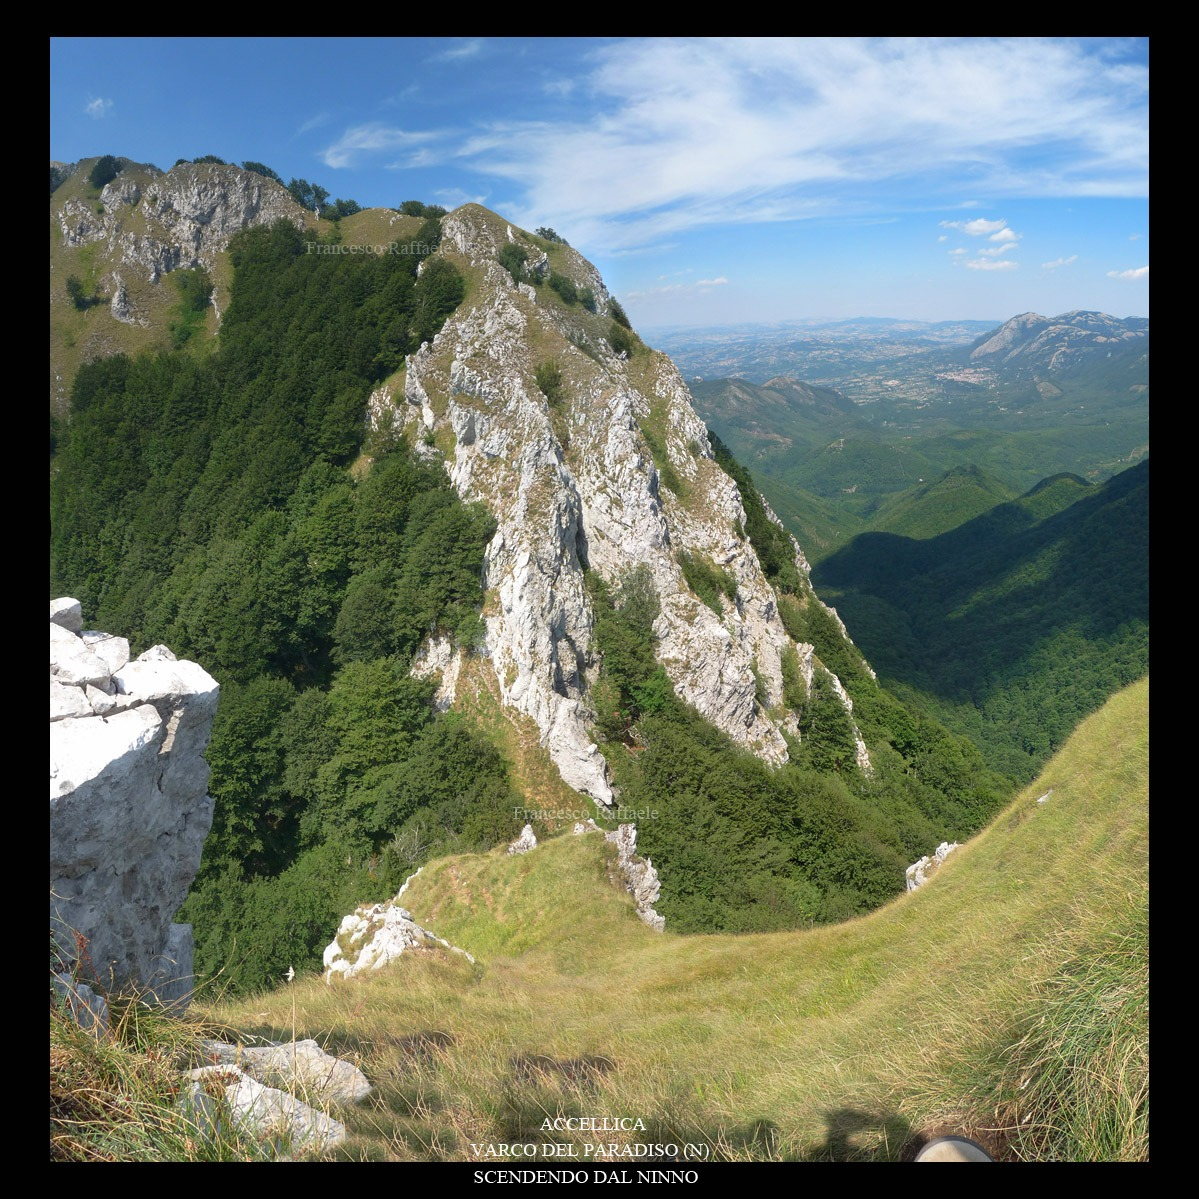 Anello_Sentiero_del_Paradiso-P1270568-71a.jpg